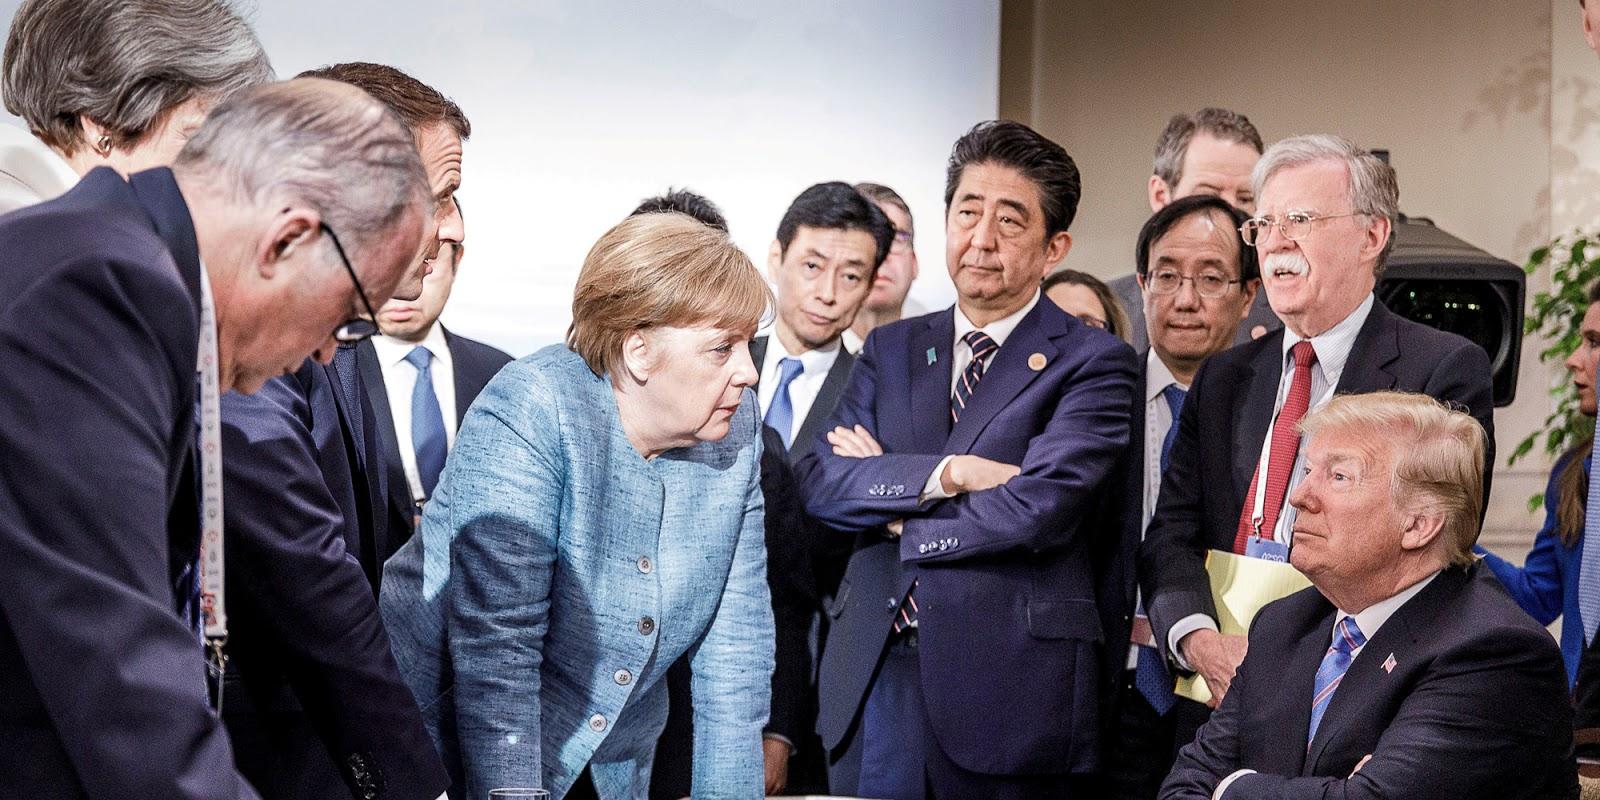 عاجل / ألمانيا تملك رسميا لقاحا فعالا ضد كورونا وتصفع ترامب وادارته !